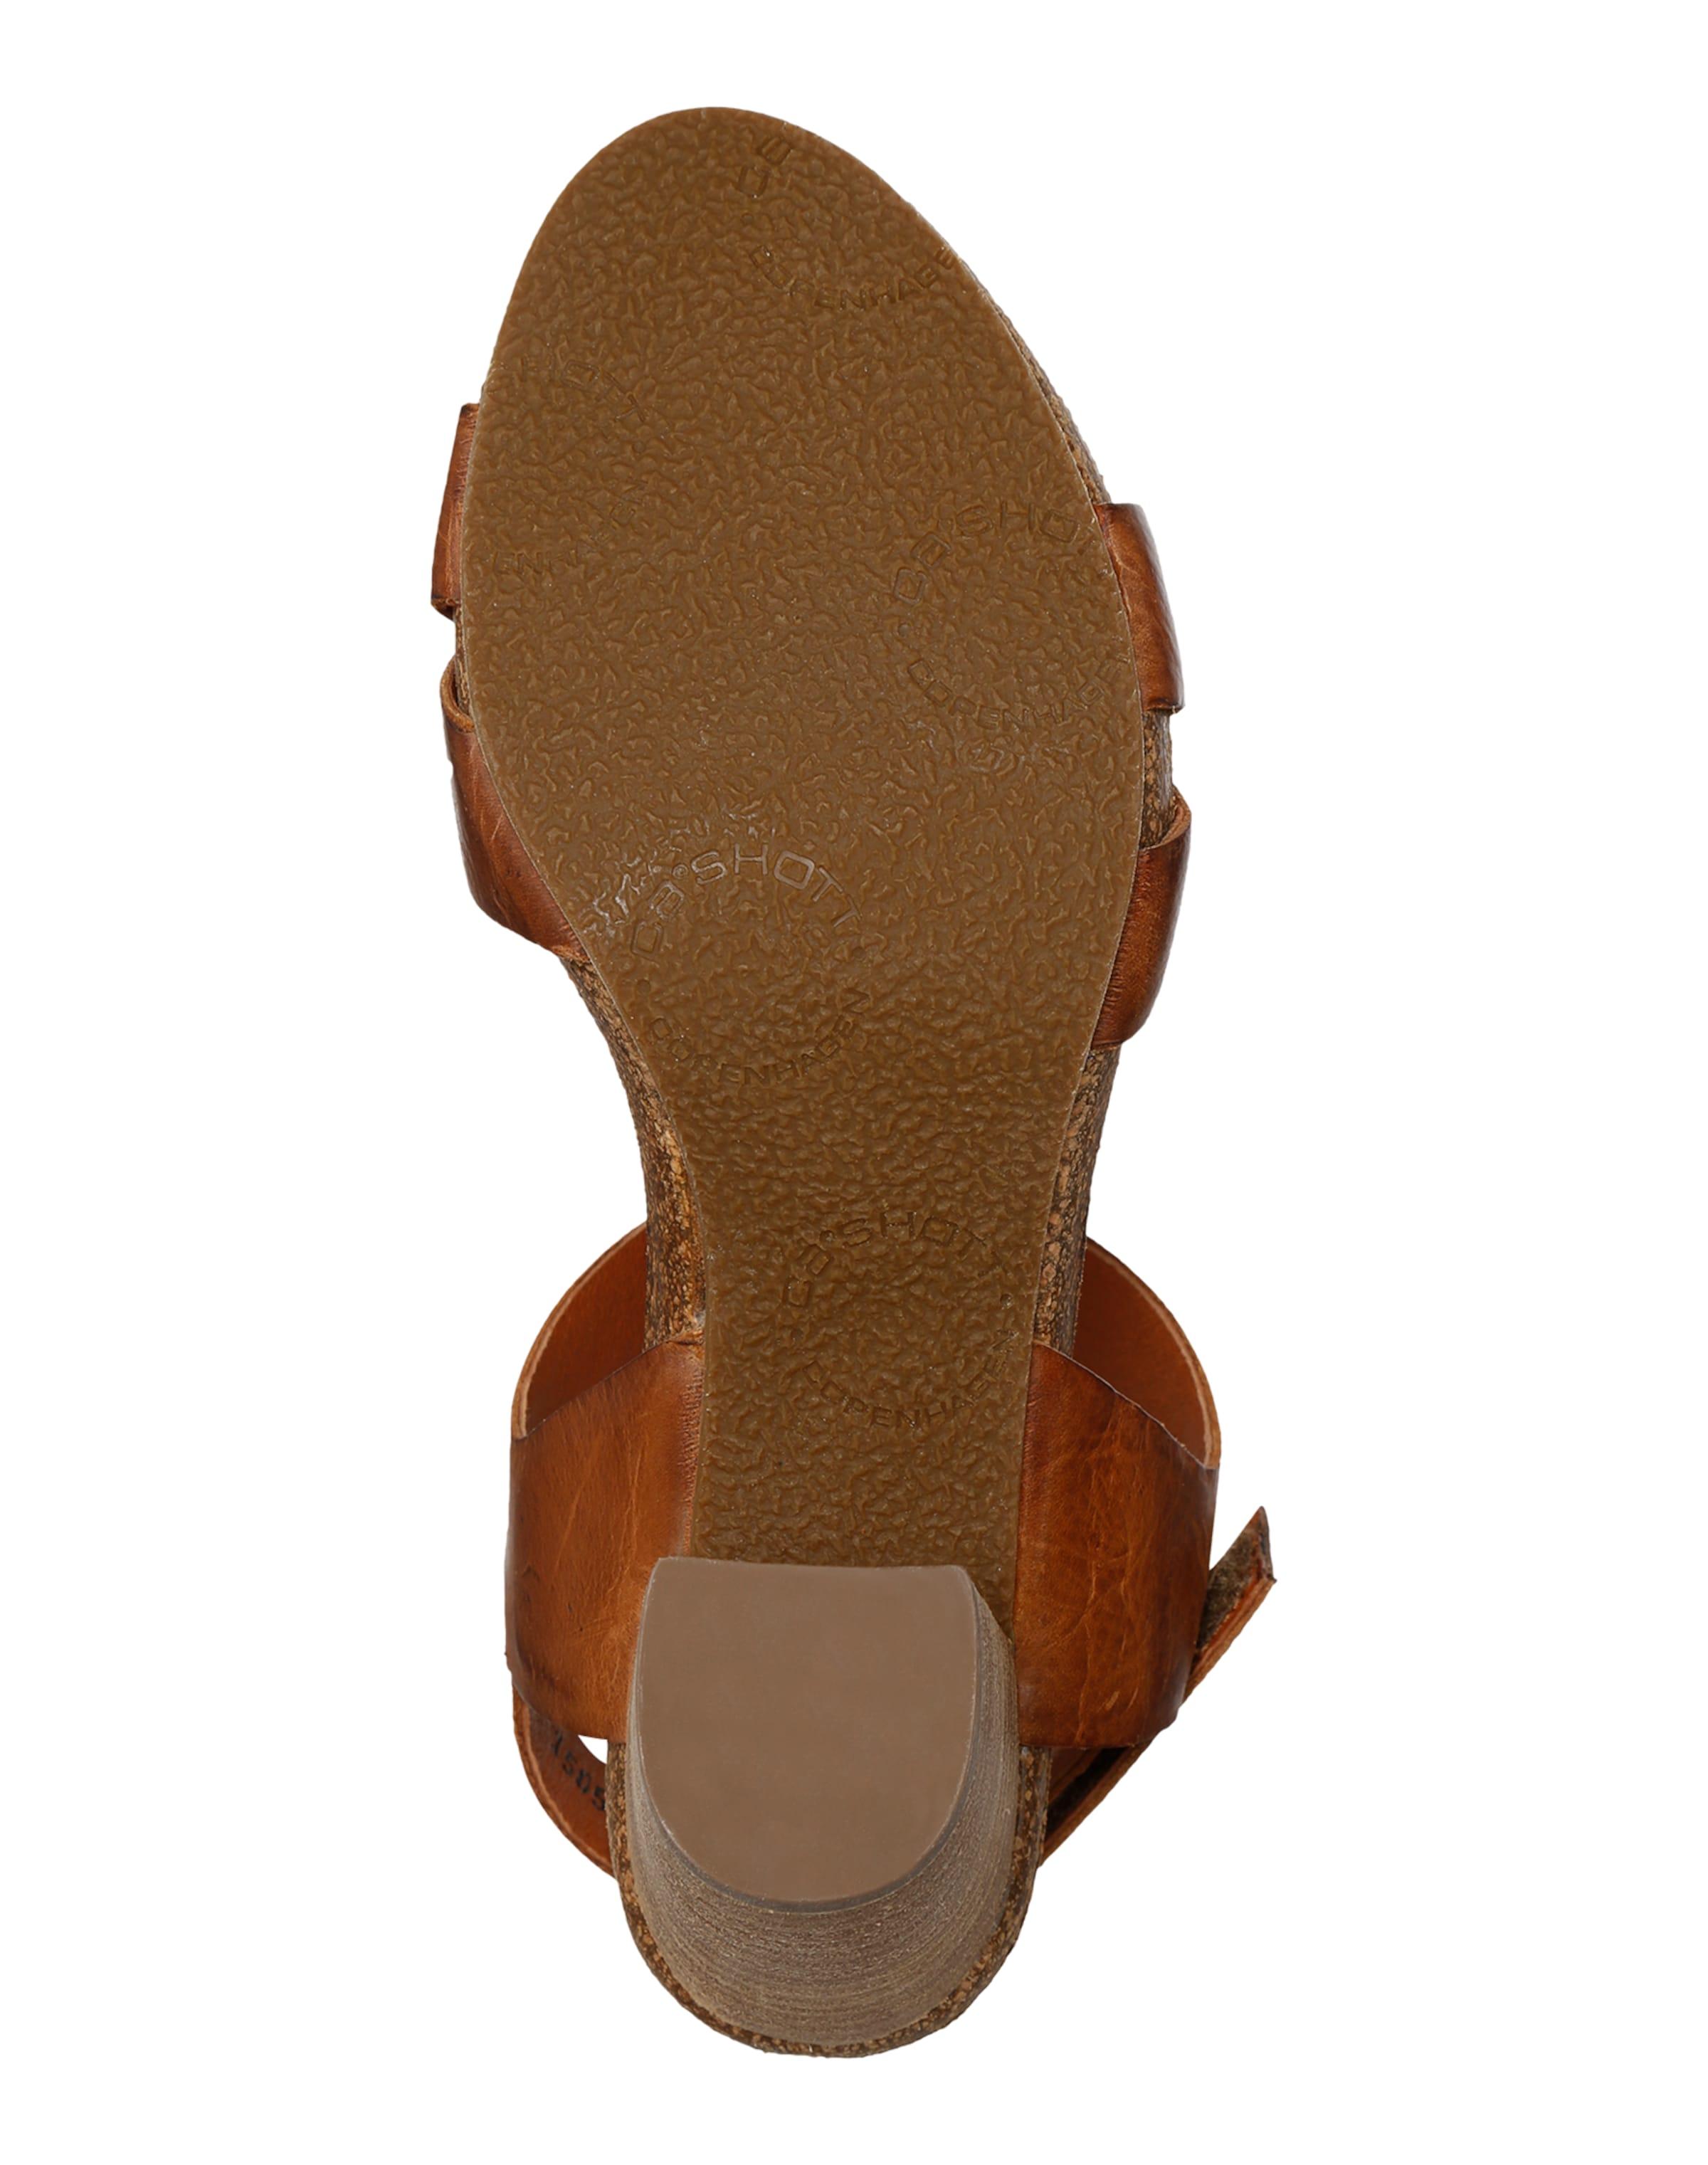 Ca Shott Sandalette in braun